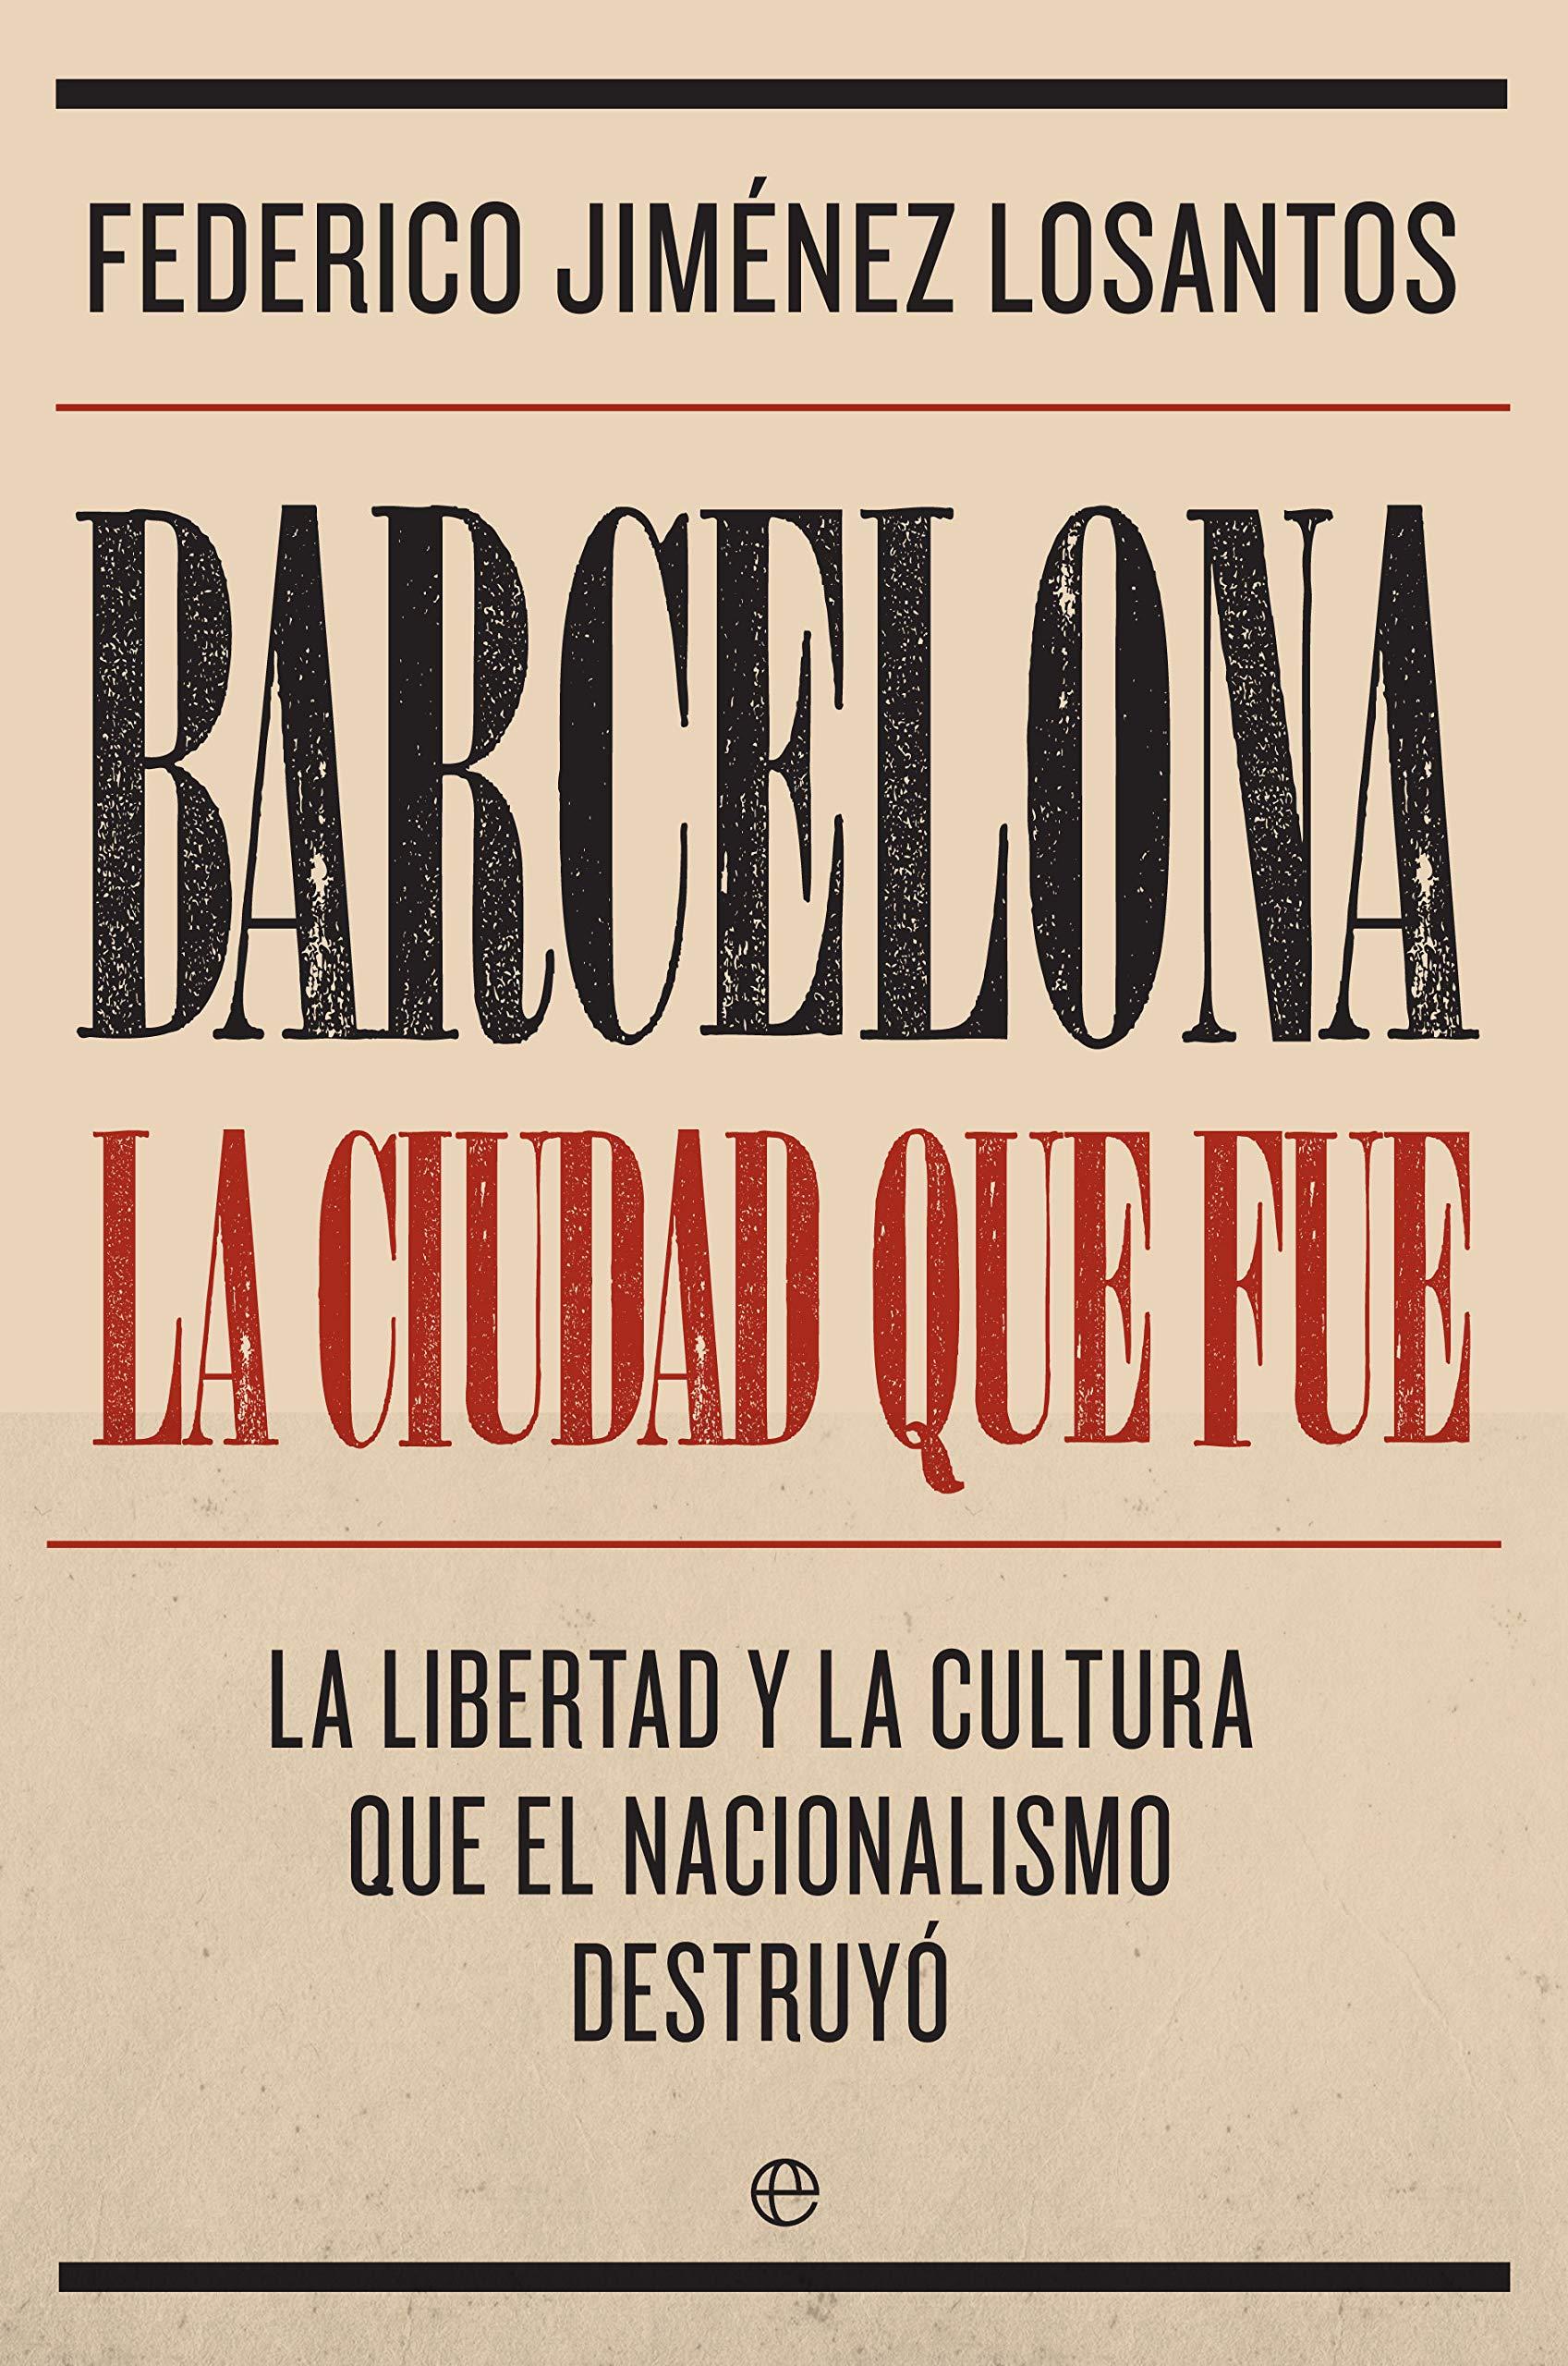 Barcelona. La ciudad que fue por Federico Jiménez Losantos